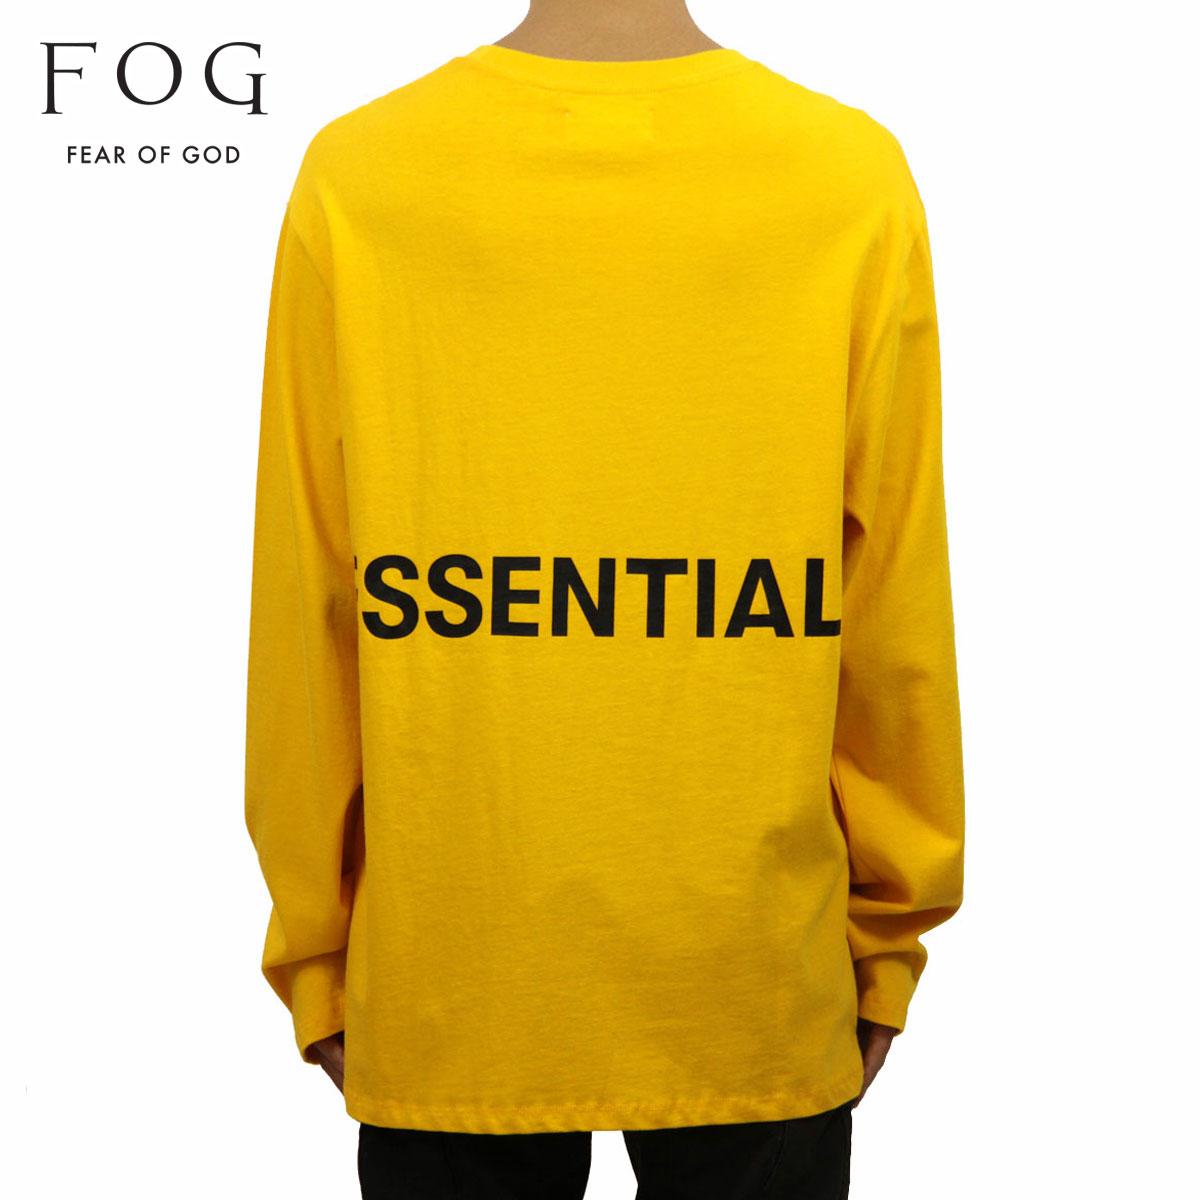 フィアオブゴッド FEAR OF GOD 正規品 メンズ クルーネック バックプリント 長袖Tシャツ FOG - FEAR OF GOD ESSENTIALS BOXY GRAPHIC LONG SLEEVE T-SHIRT YELLOW